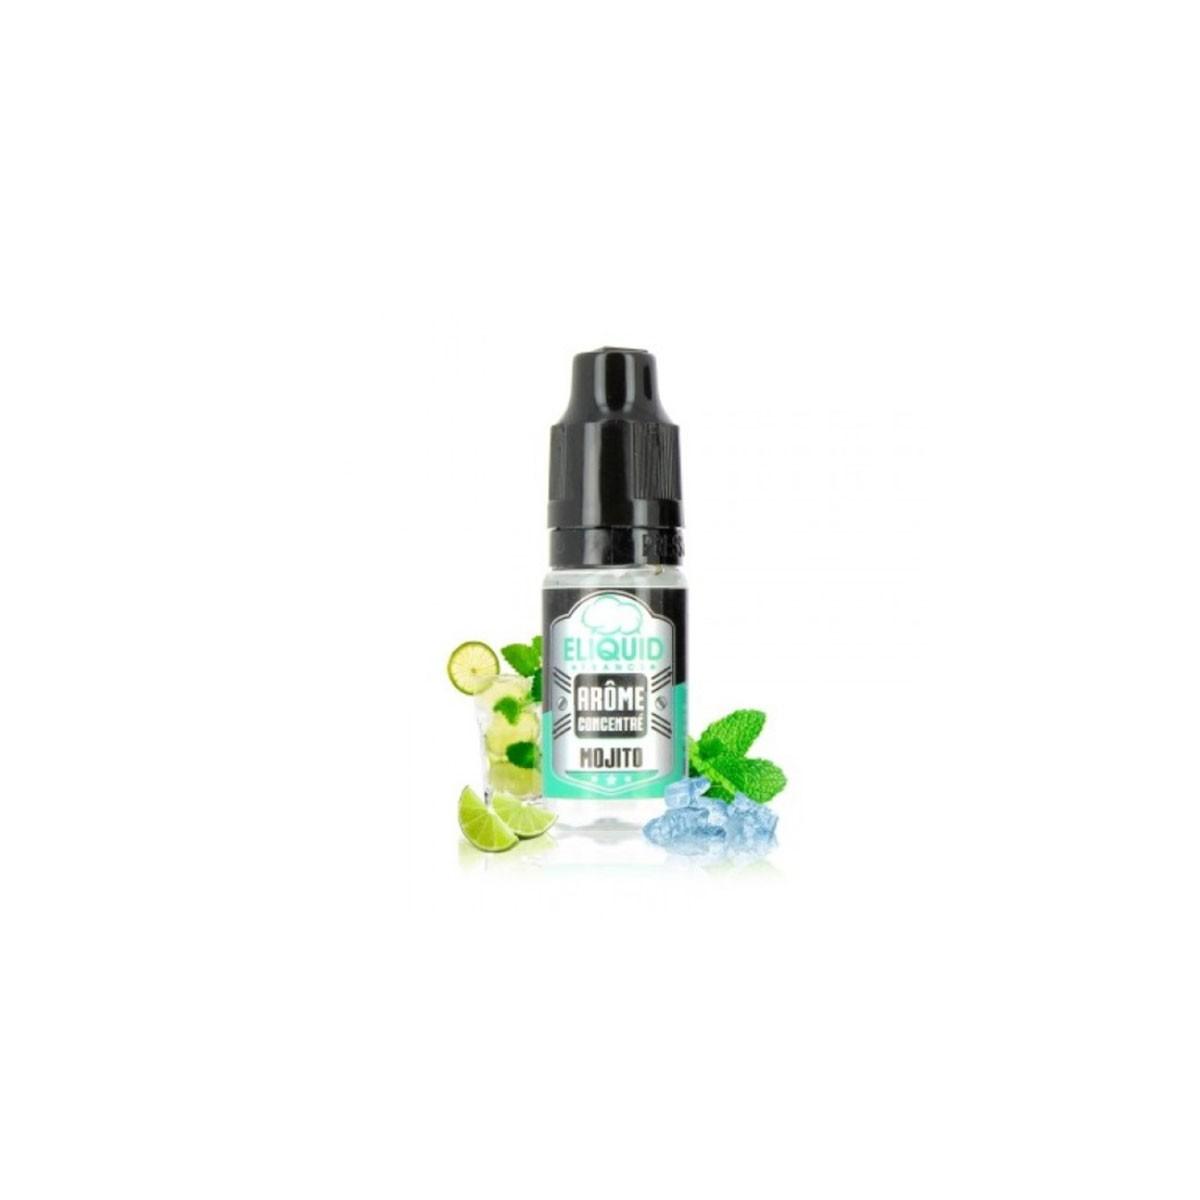 Eliquid France Aroma - Mojito 10ml